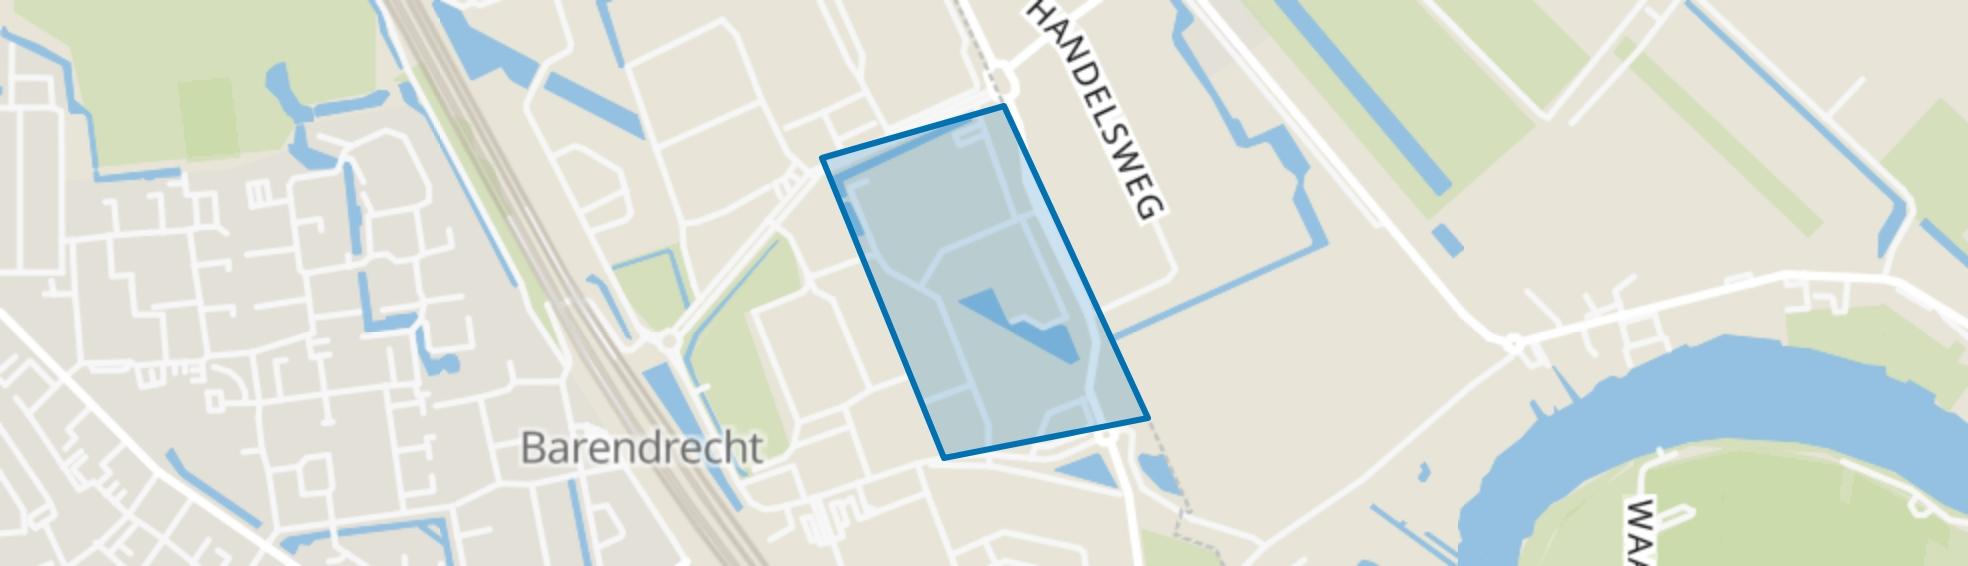 BT Gebroken Meeldijk, Barendrecht map